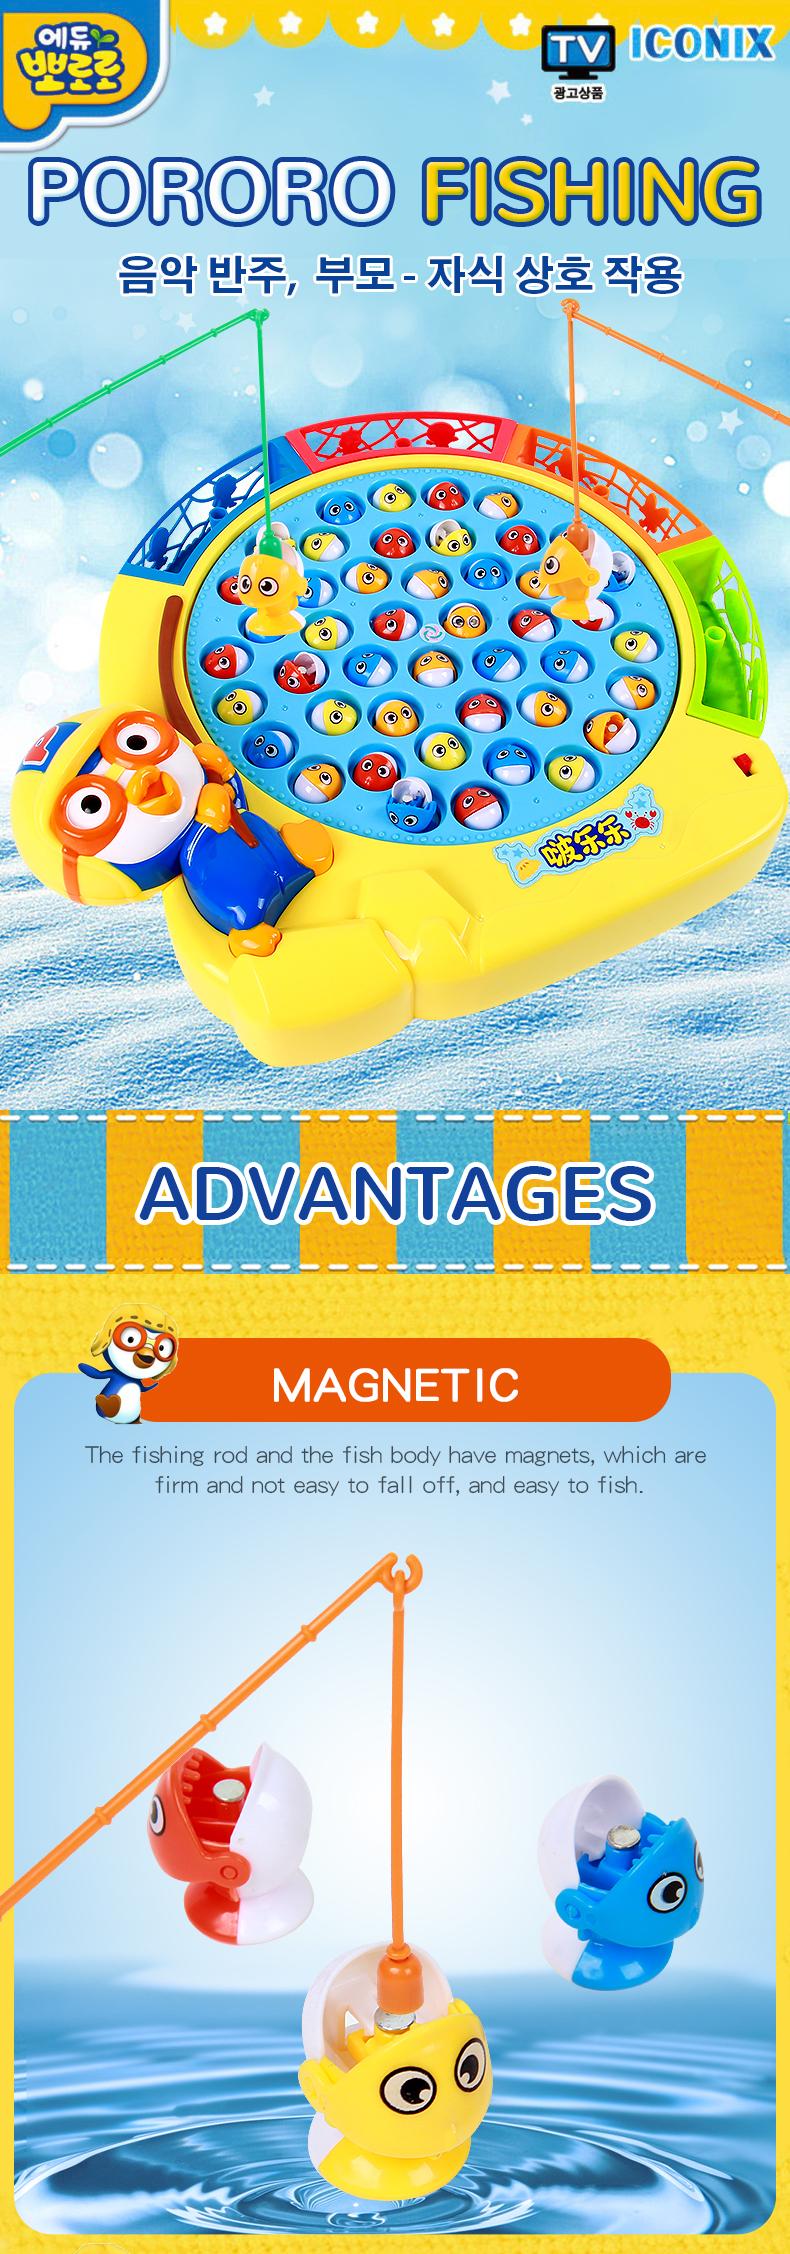 TongLi 1581 çocuk oyuncakları erkek ve kız için balıkçılık oyuncak eğitici dayanıklı plastik manyetik balıkçılık oyuncaklar oyunu ile daha küçük balık